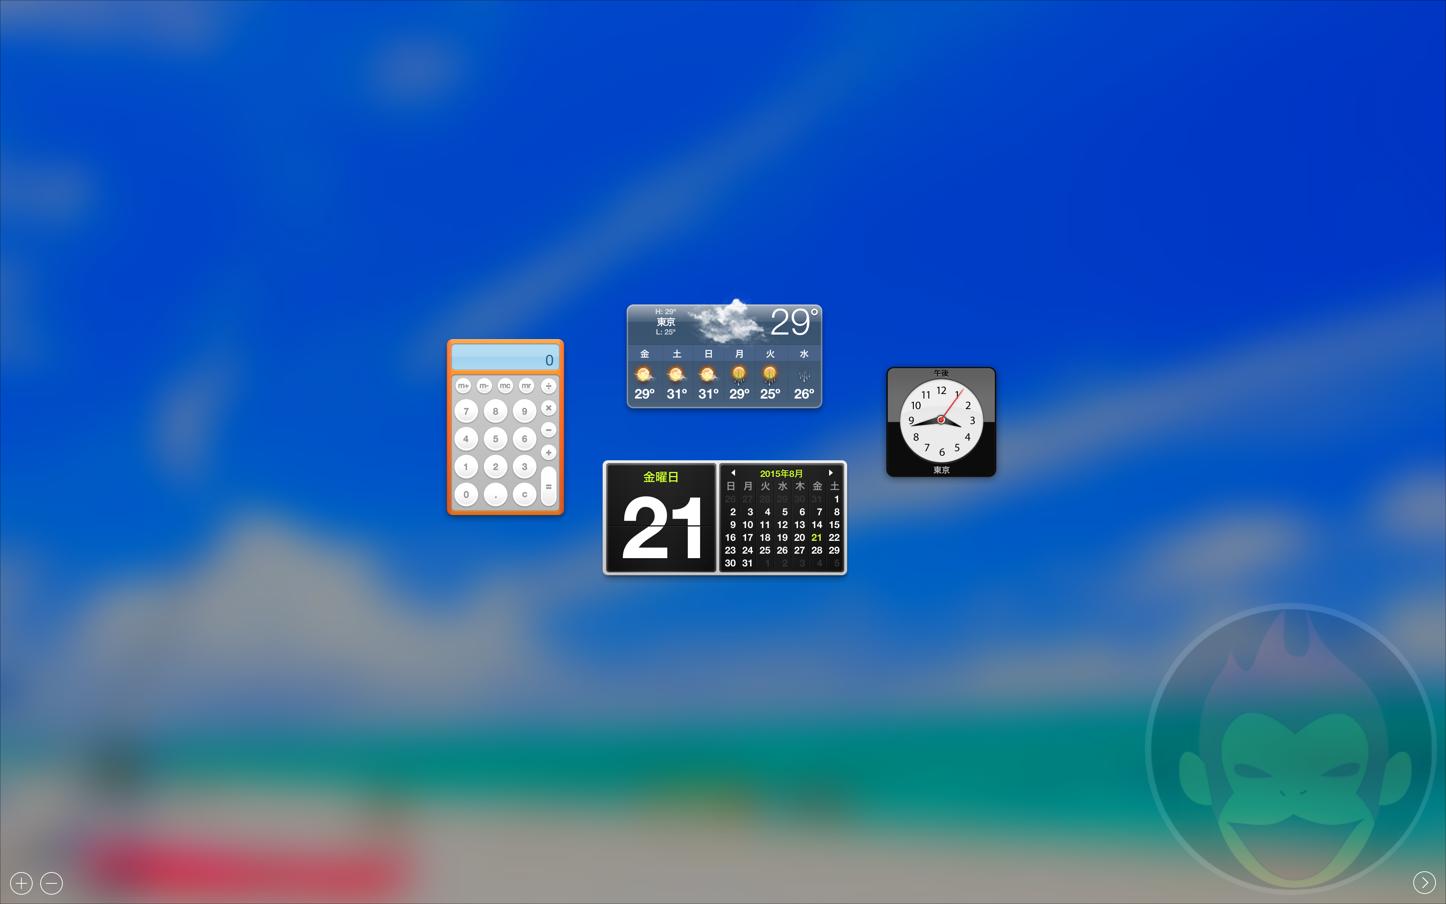 Mac Dashboard Goes Away Soon 01